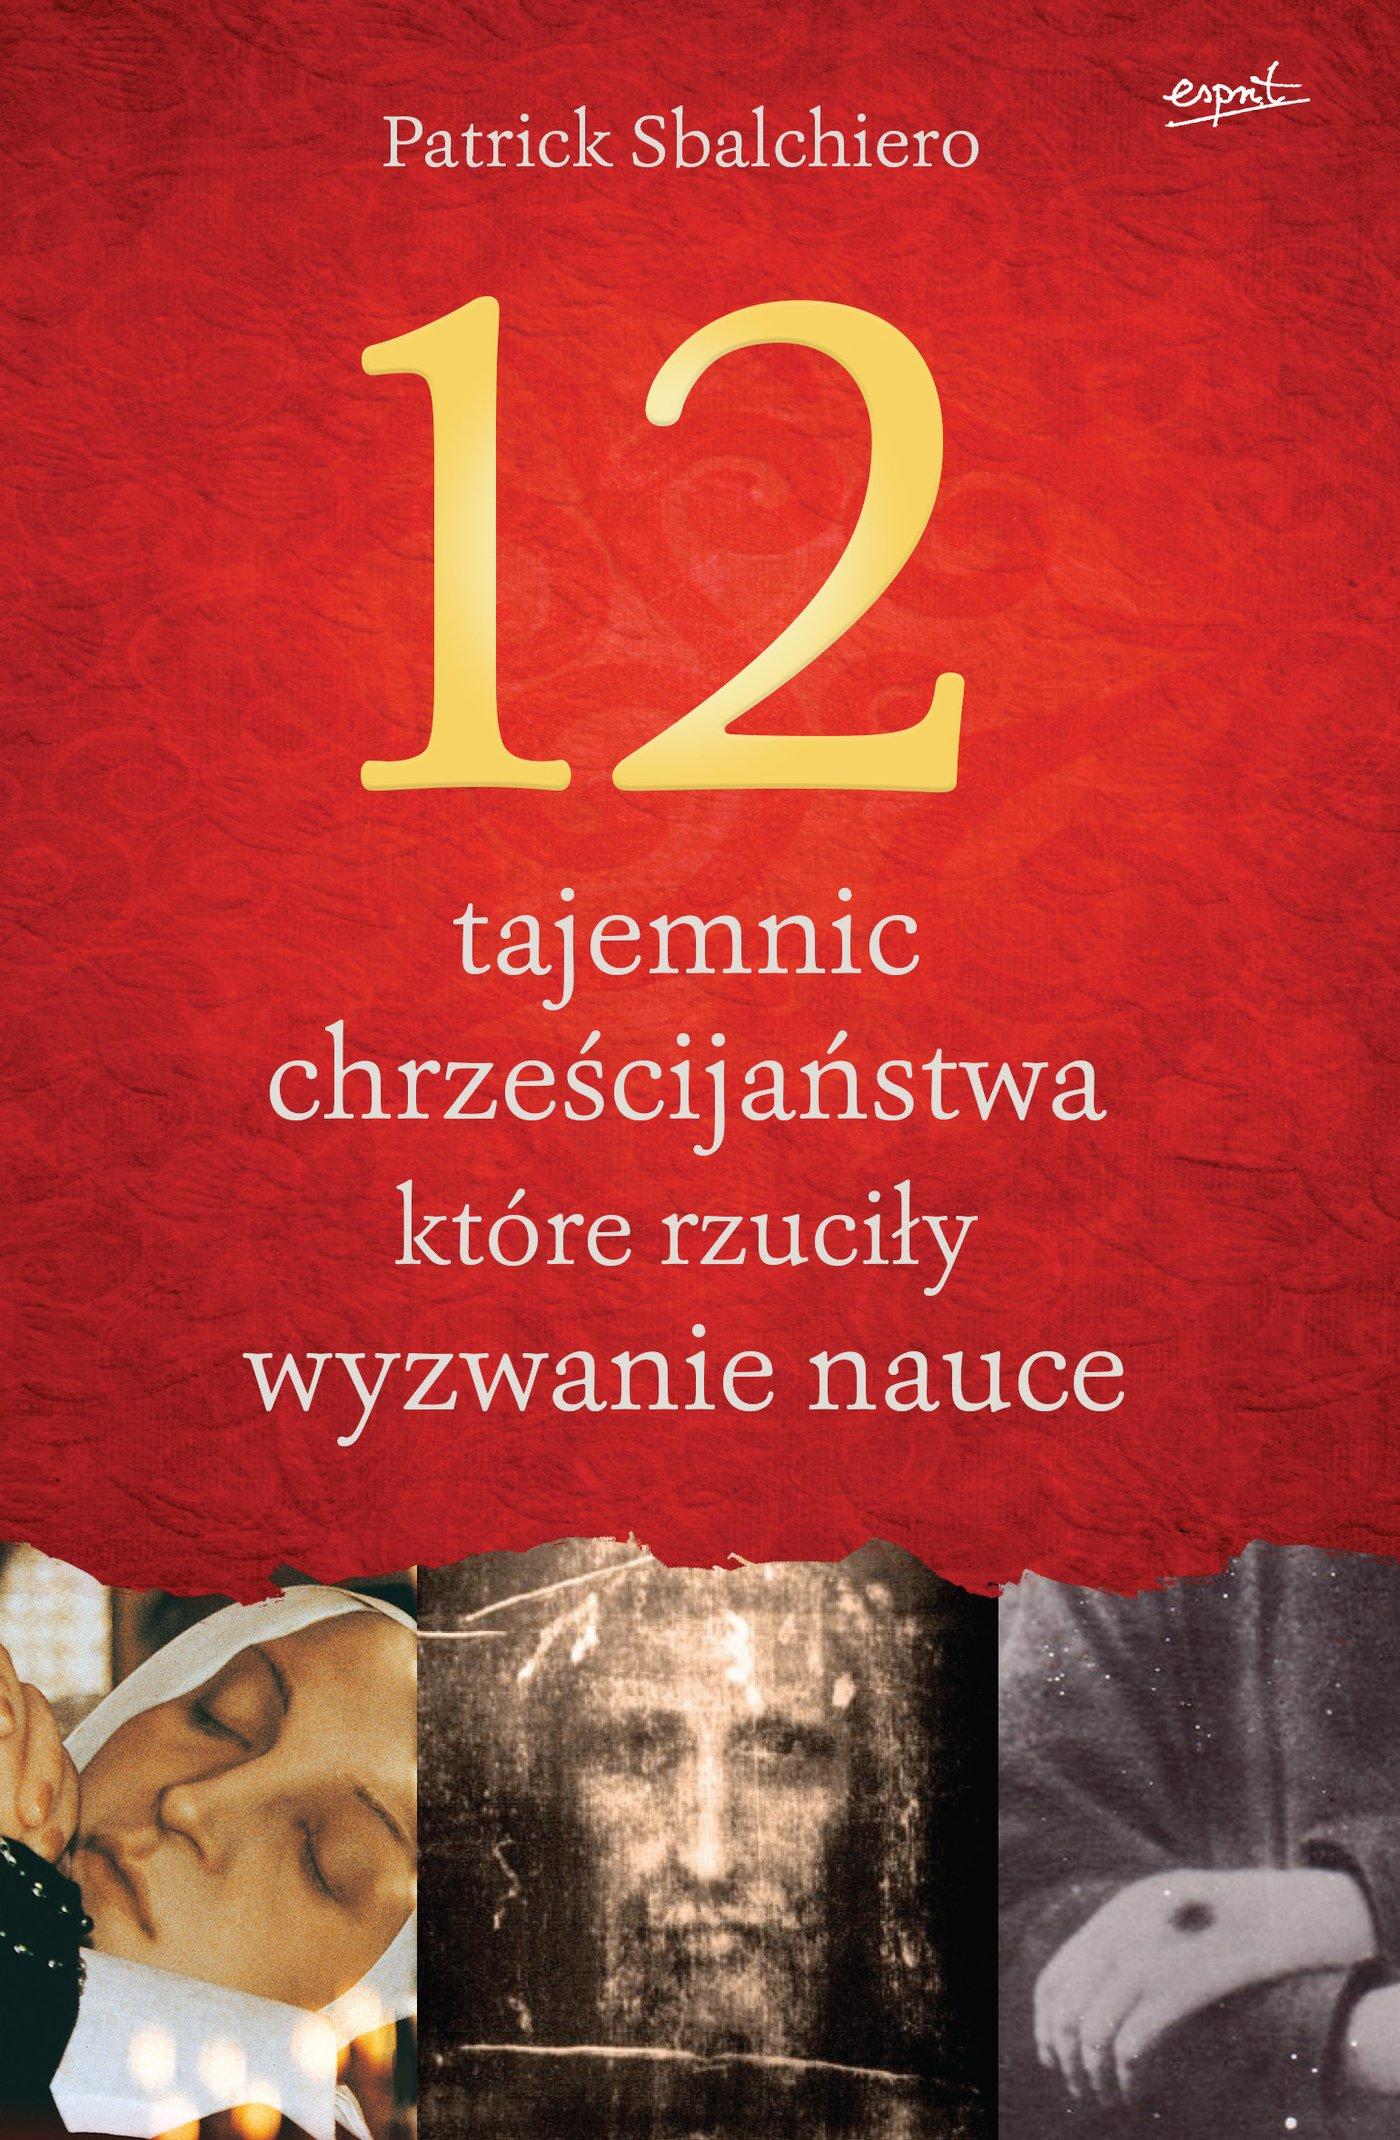 12 tajemnic chrześcijaństwa, które rzuciły wyzwanie nauce - Ebook (Książka EPUB) do pobrania w formacie EPUB